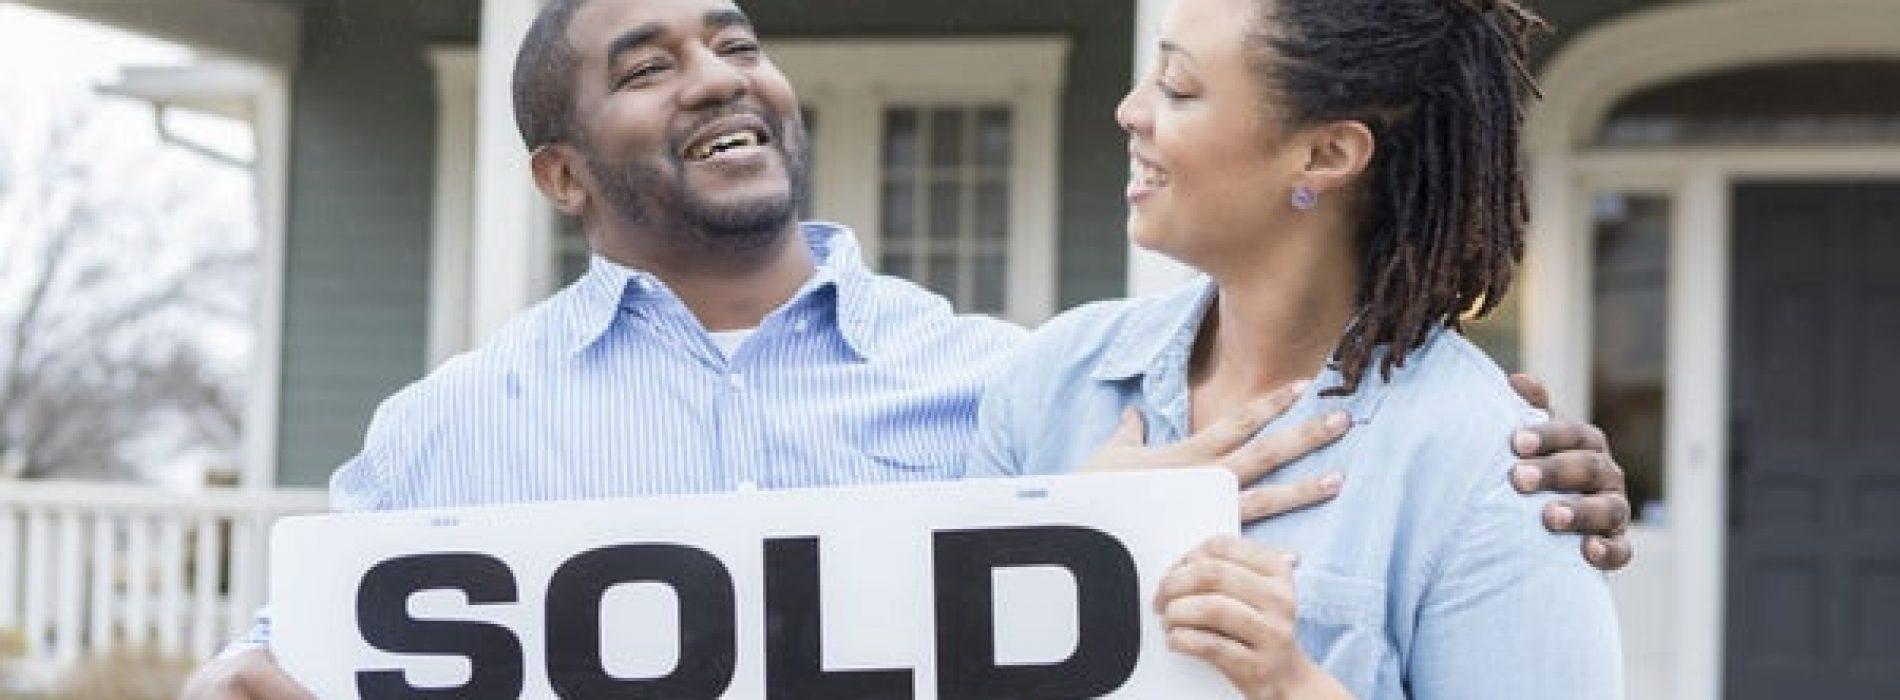 All about cash home buyers Bernardino